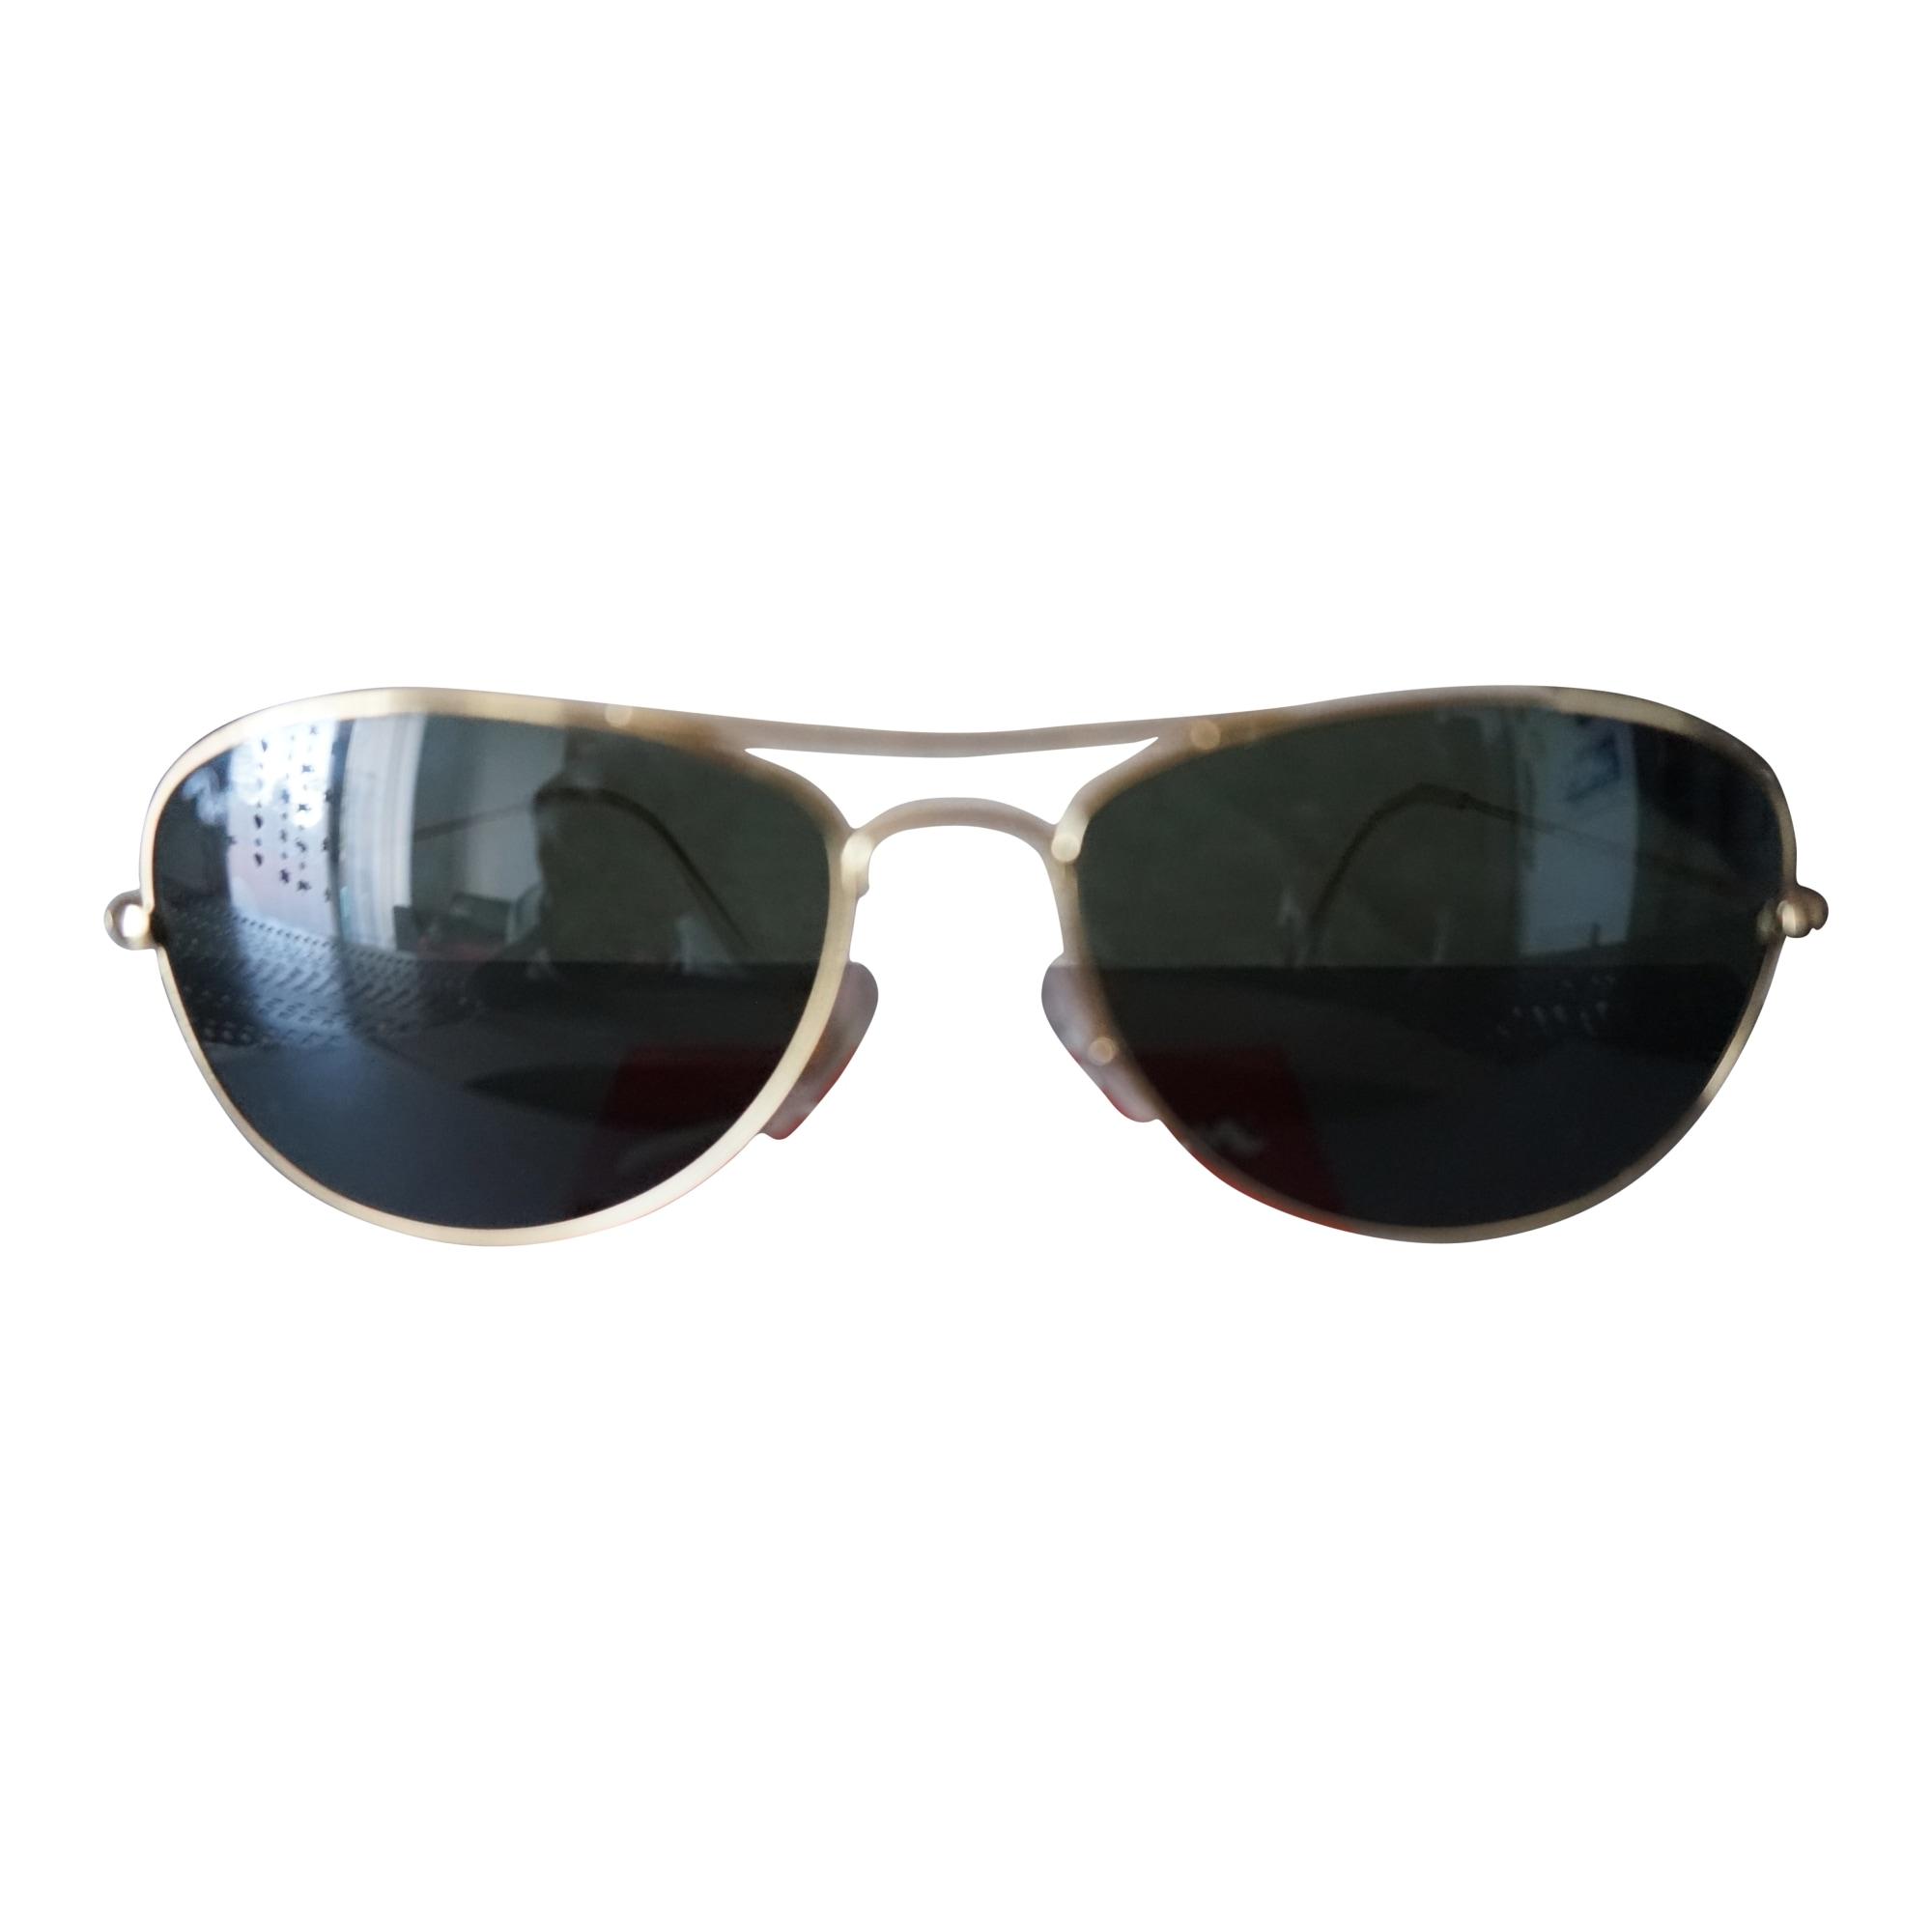 Lunettes de soleil RAY-BAN branches dorées   verres noirs vendu par ... 9678c3e98186